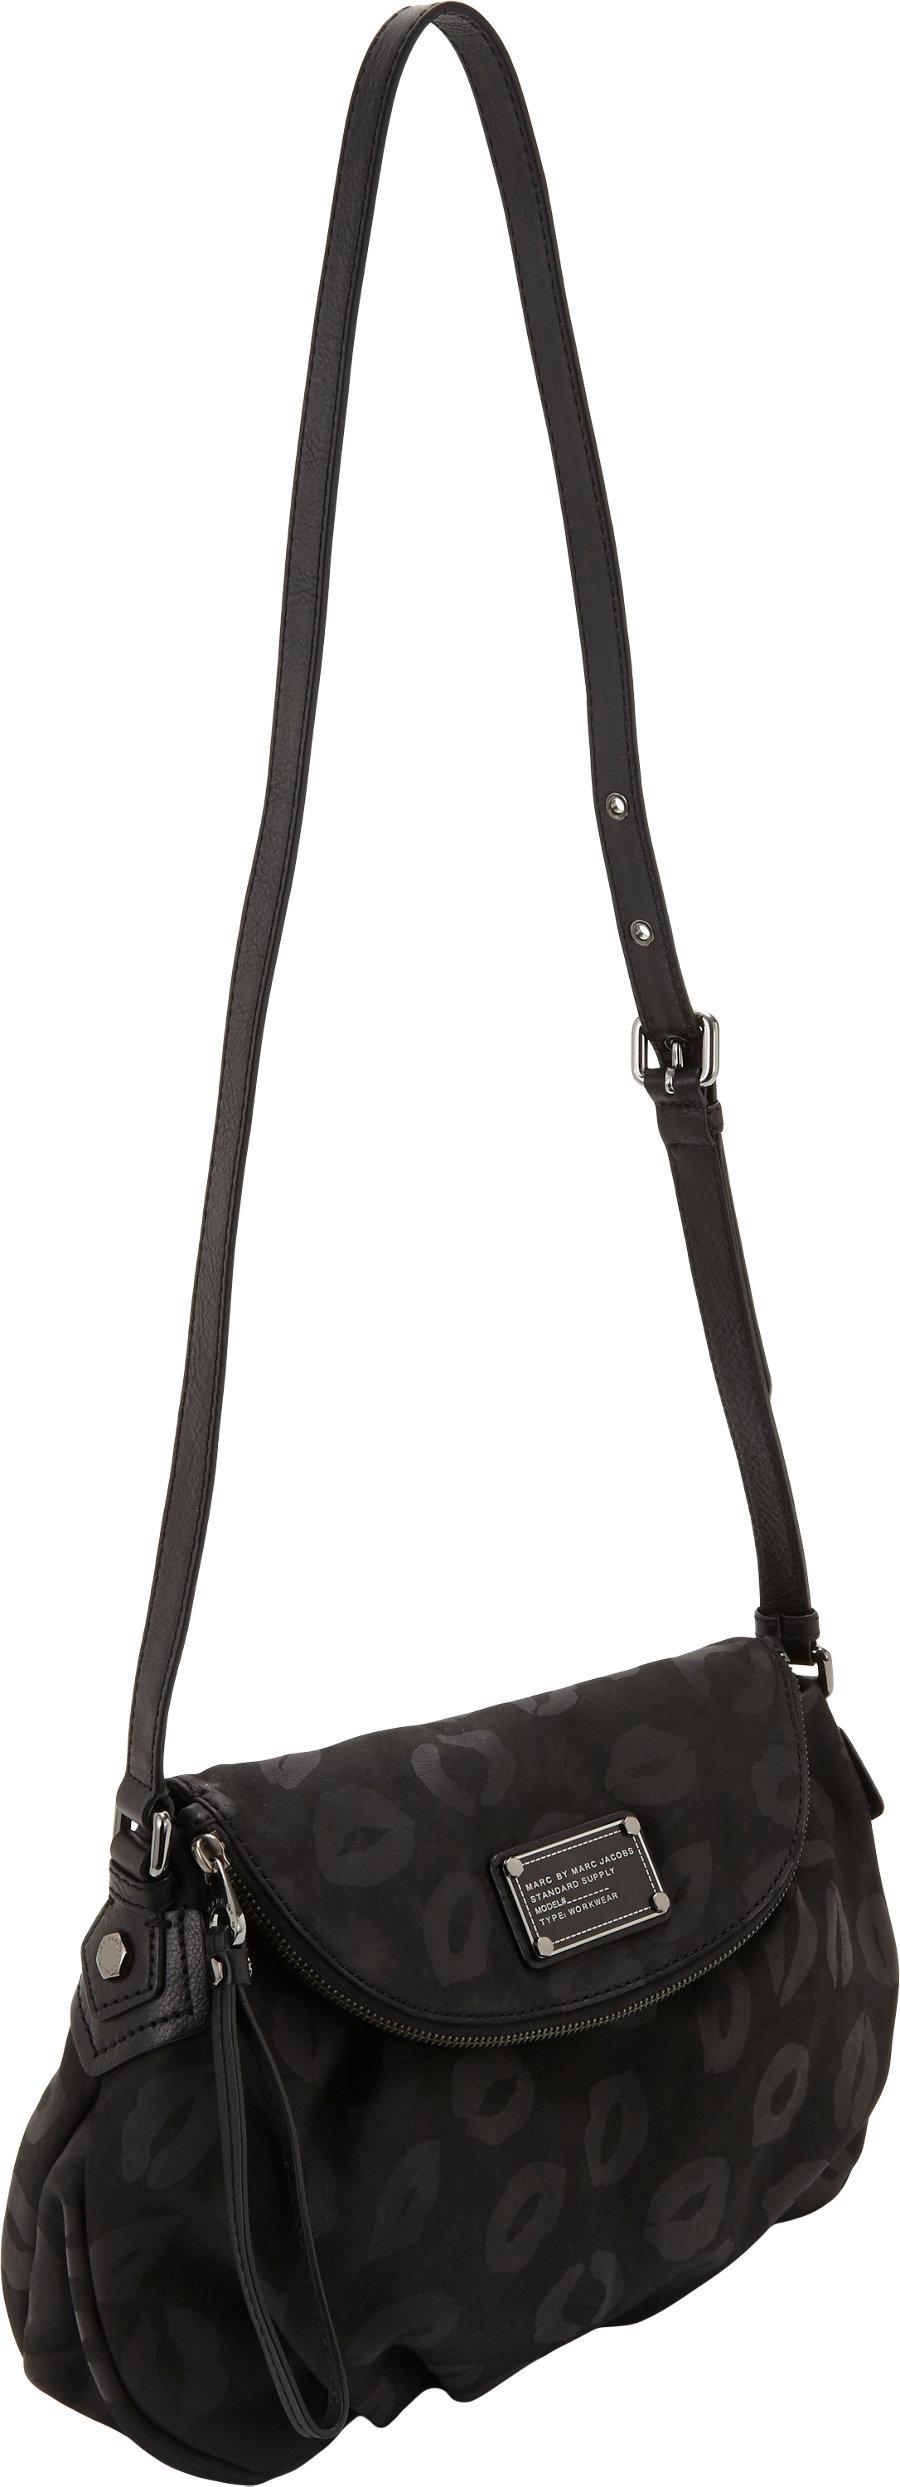 b08155cfa793 Lyst - Marc By Marc Jacobs Les Zeppelin Flap Crossbody in Black